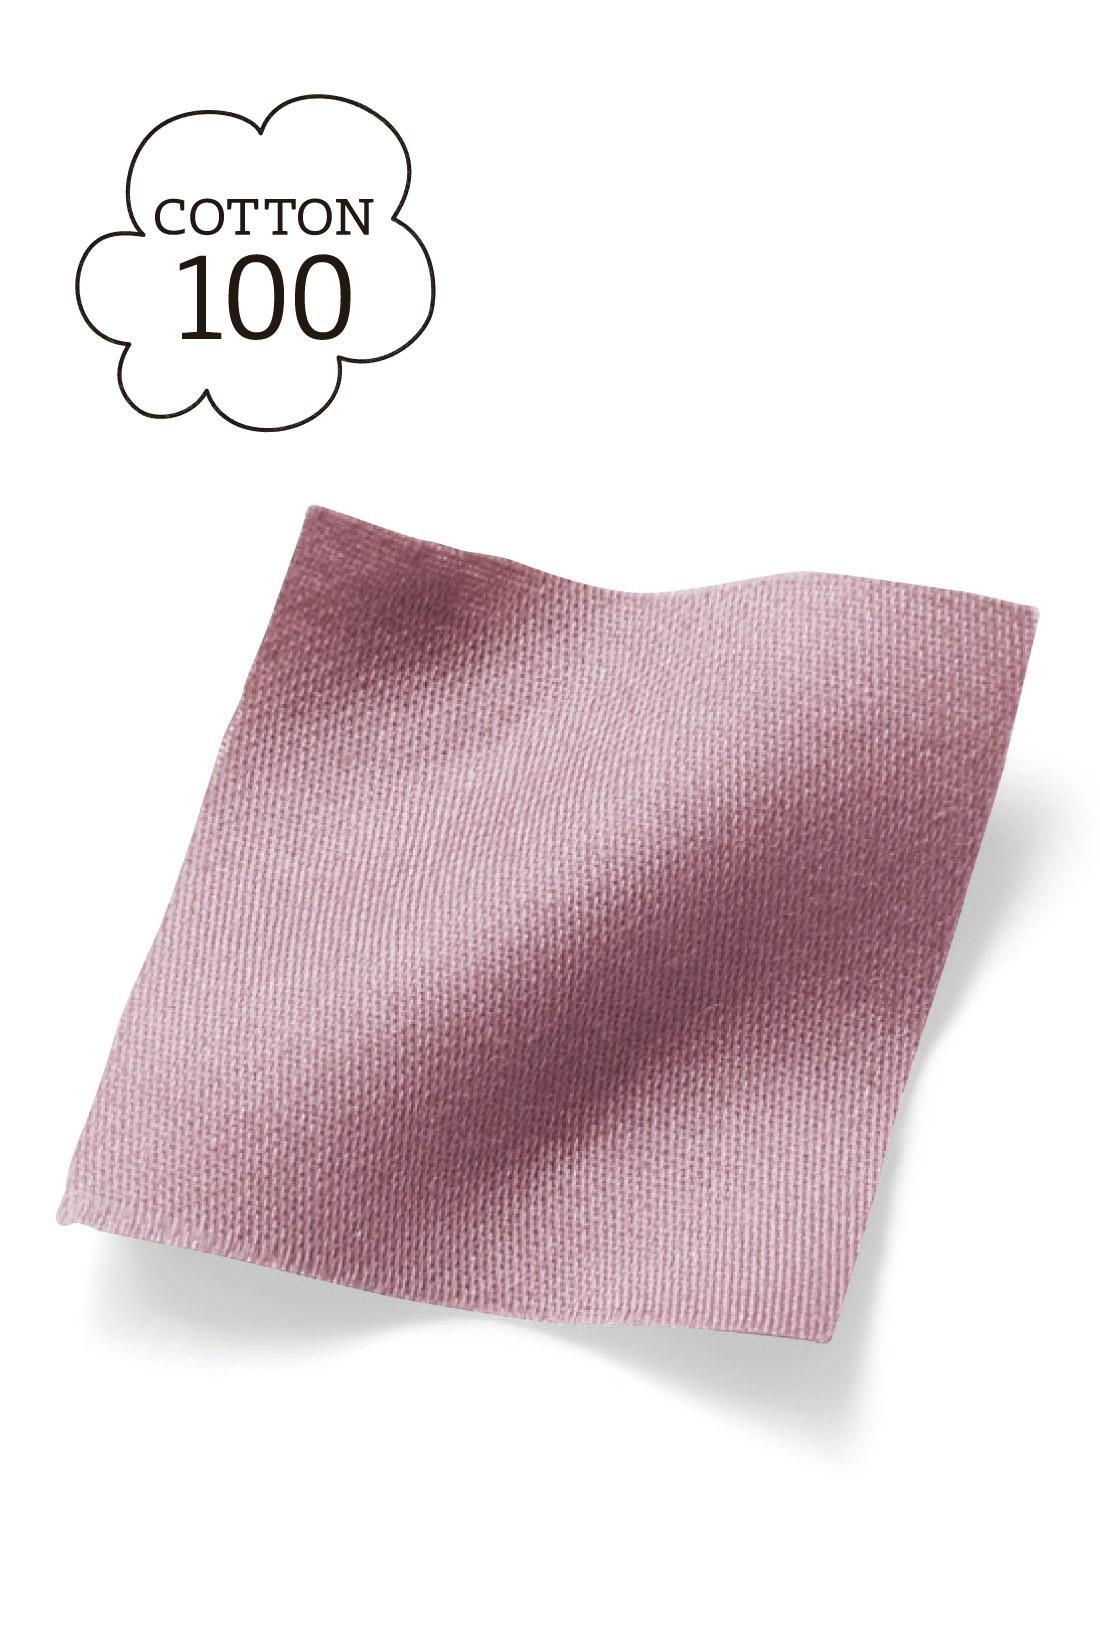 ほんのりきれいめな光沢感で大人な印象の、薄手のコットン100%素材。